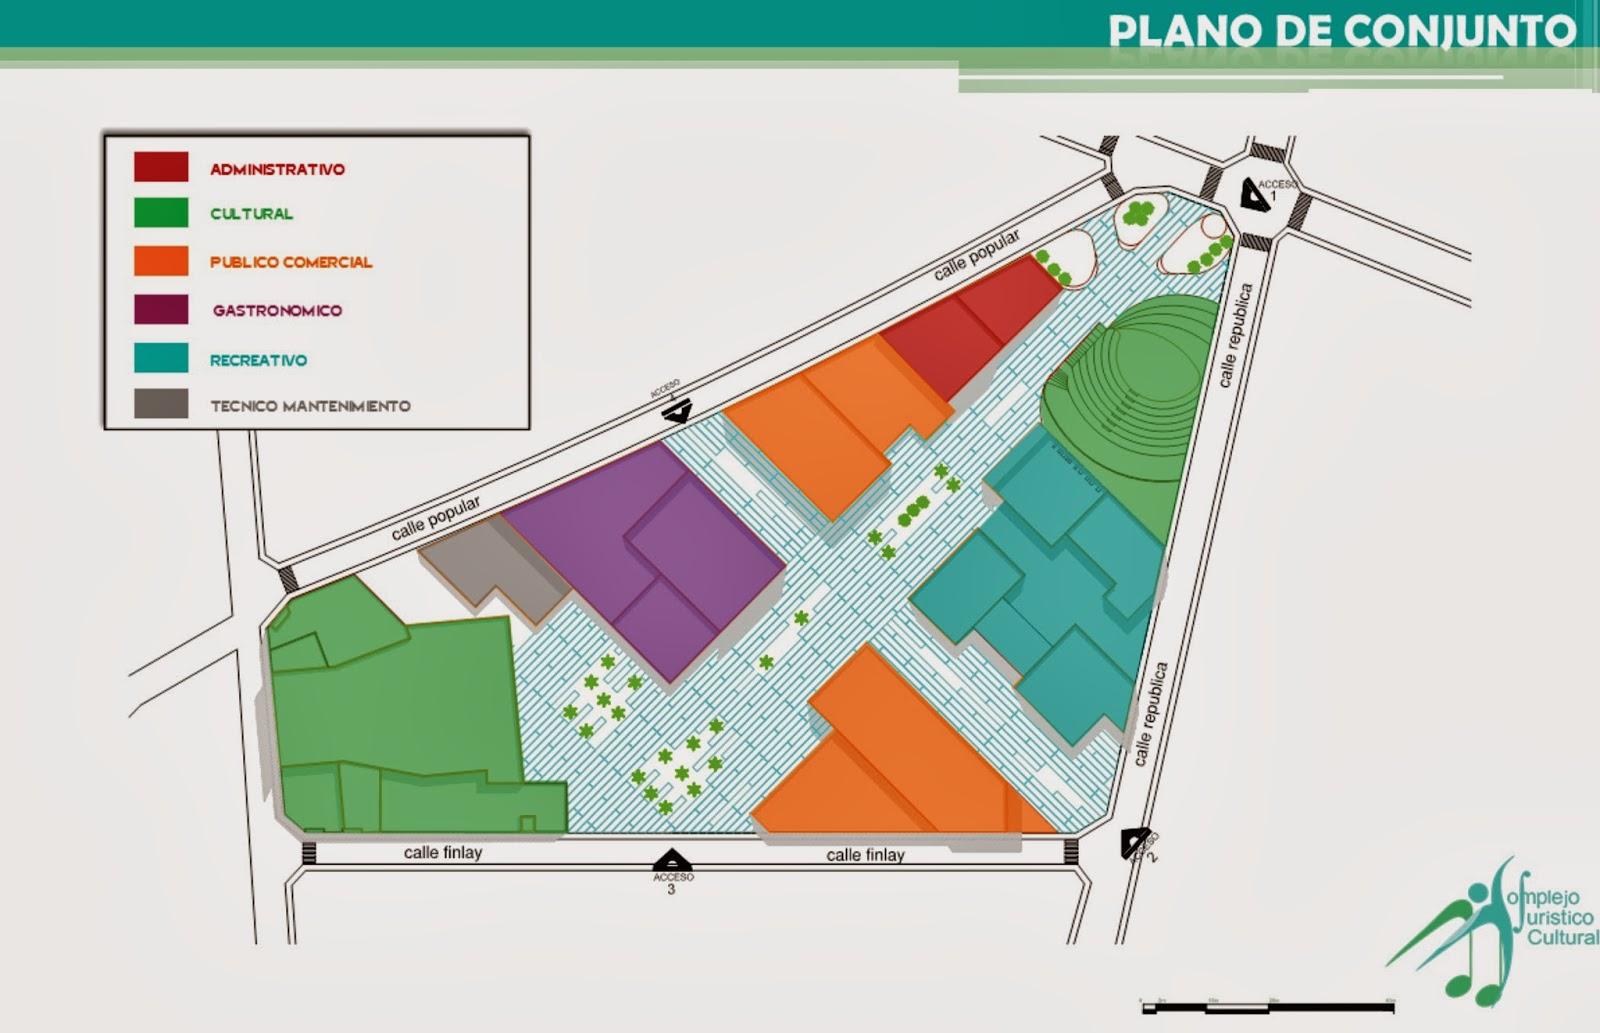 Complejo tur stico cultural proyecto arquitectonico for Proyecto arquitectonico pdf